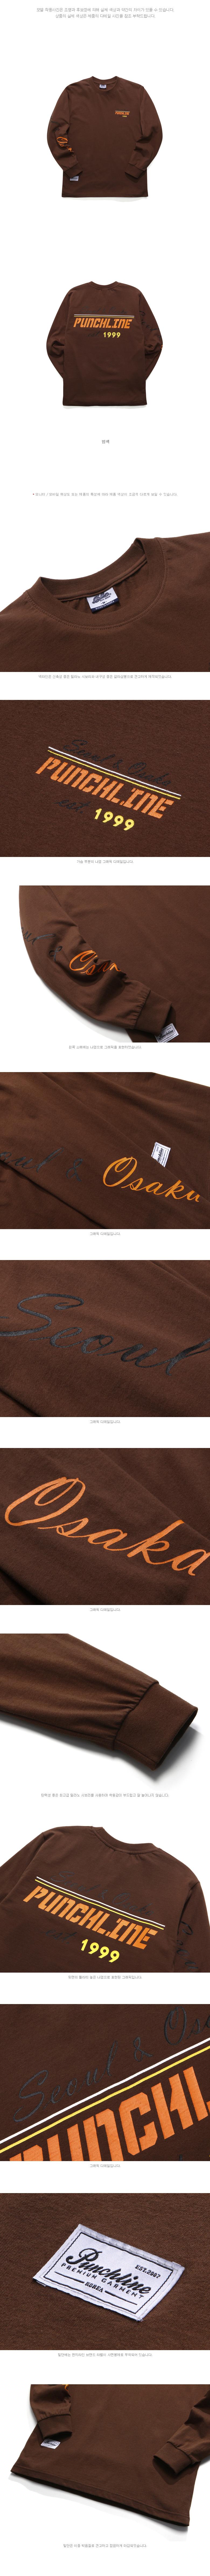 KHLT6111_detail_brown.jpg